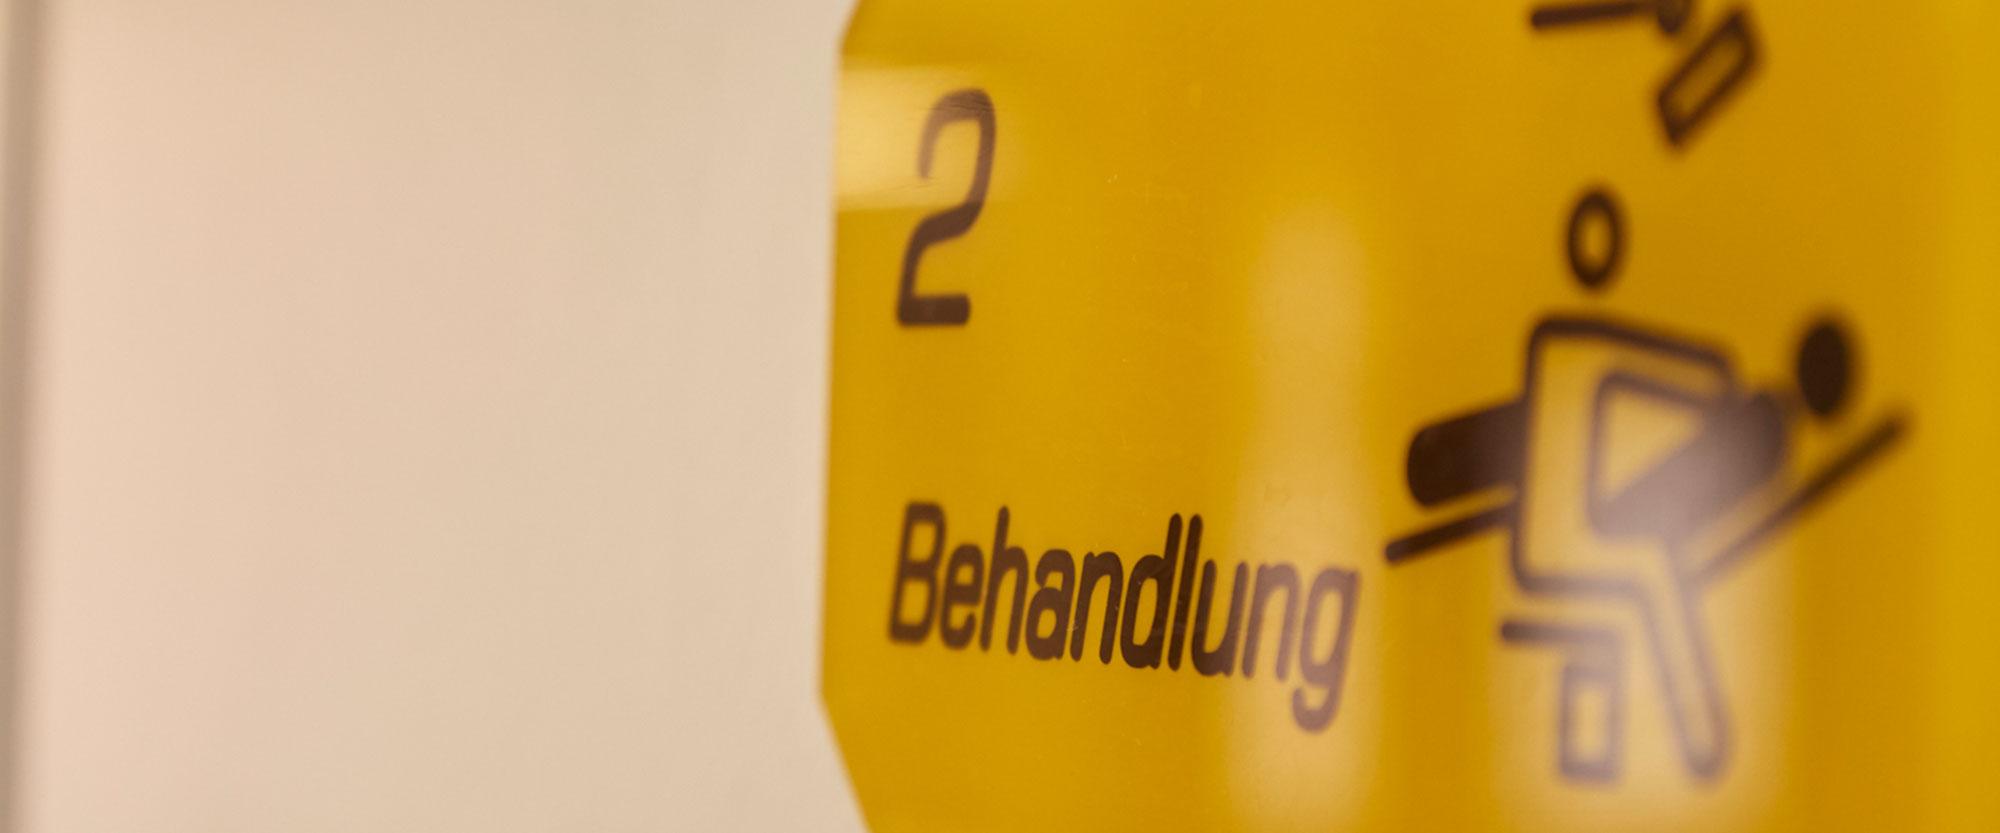 Füllungstherapie in Ihrer Zahnarztpraxis Bertram in Leer